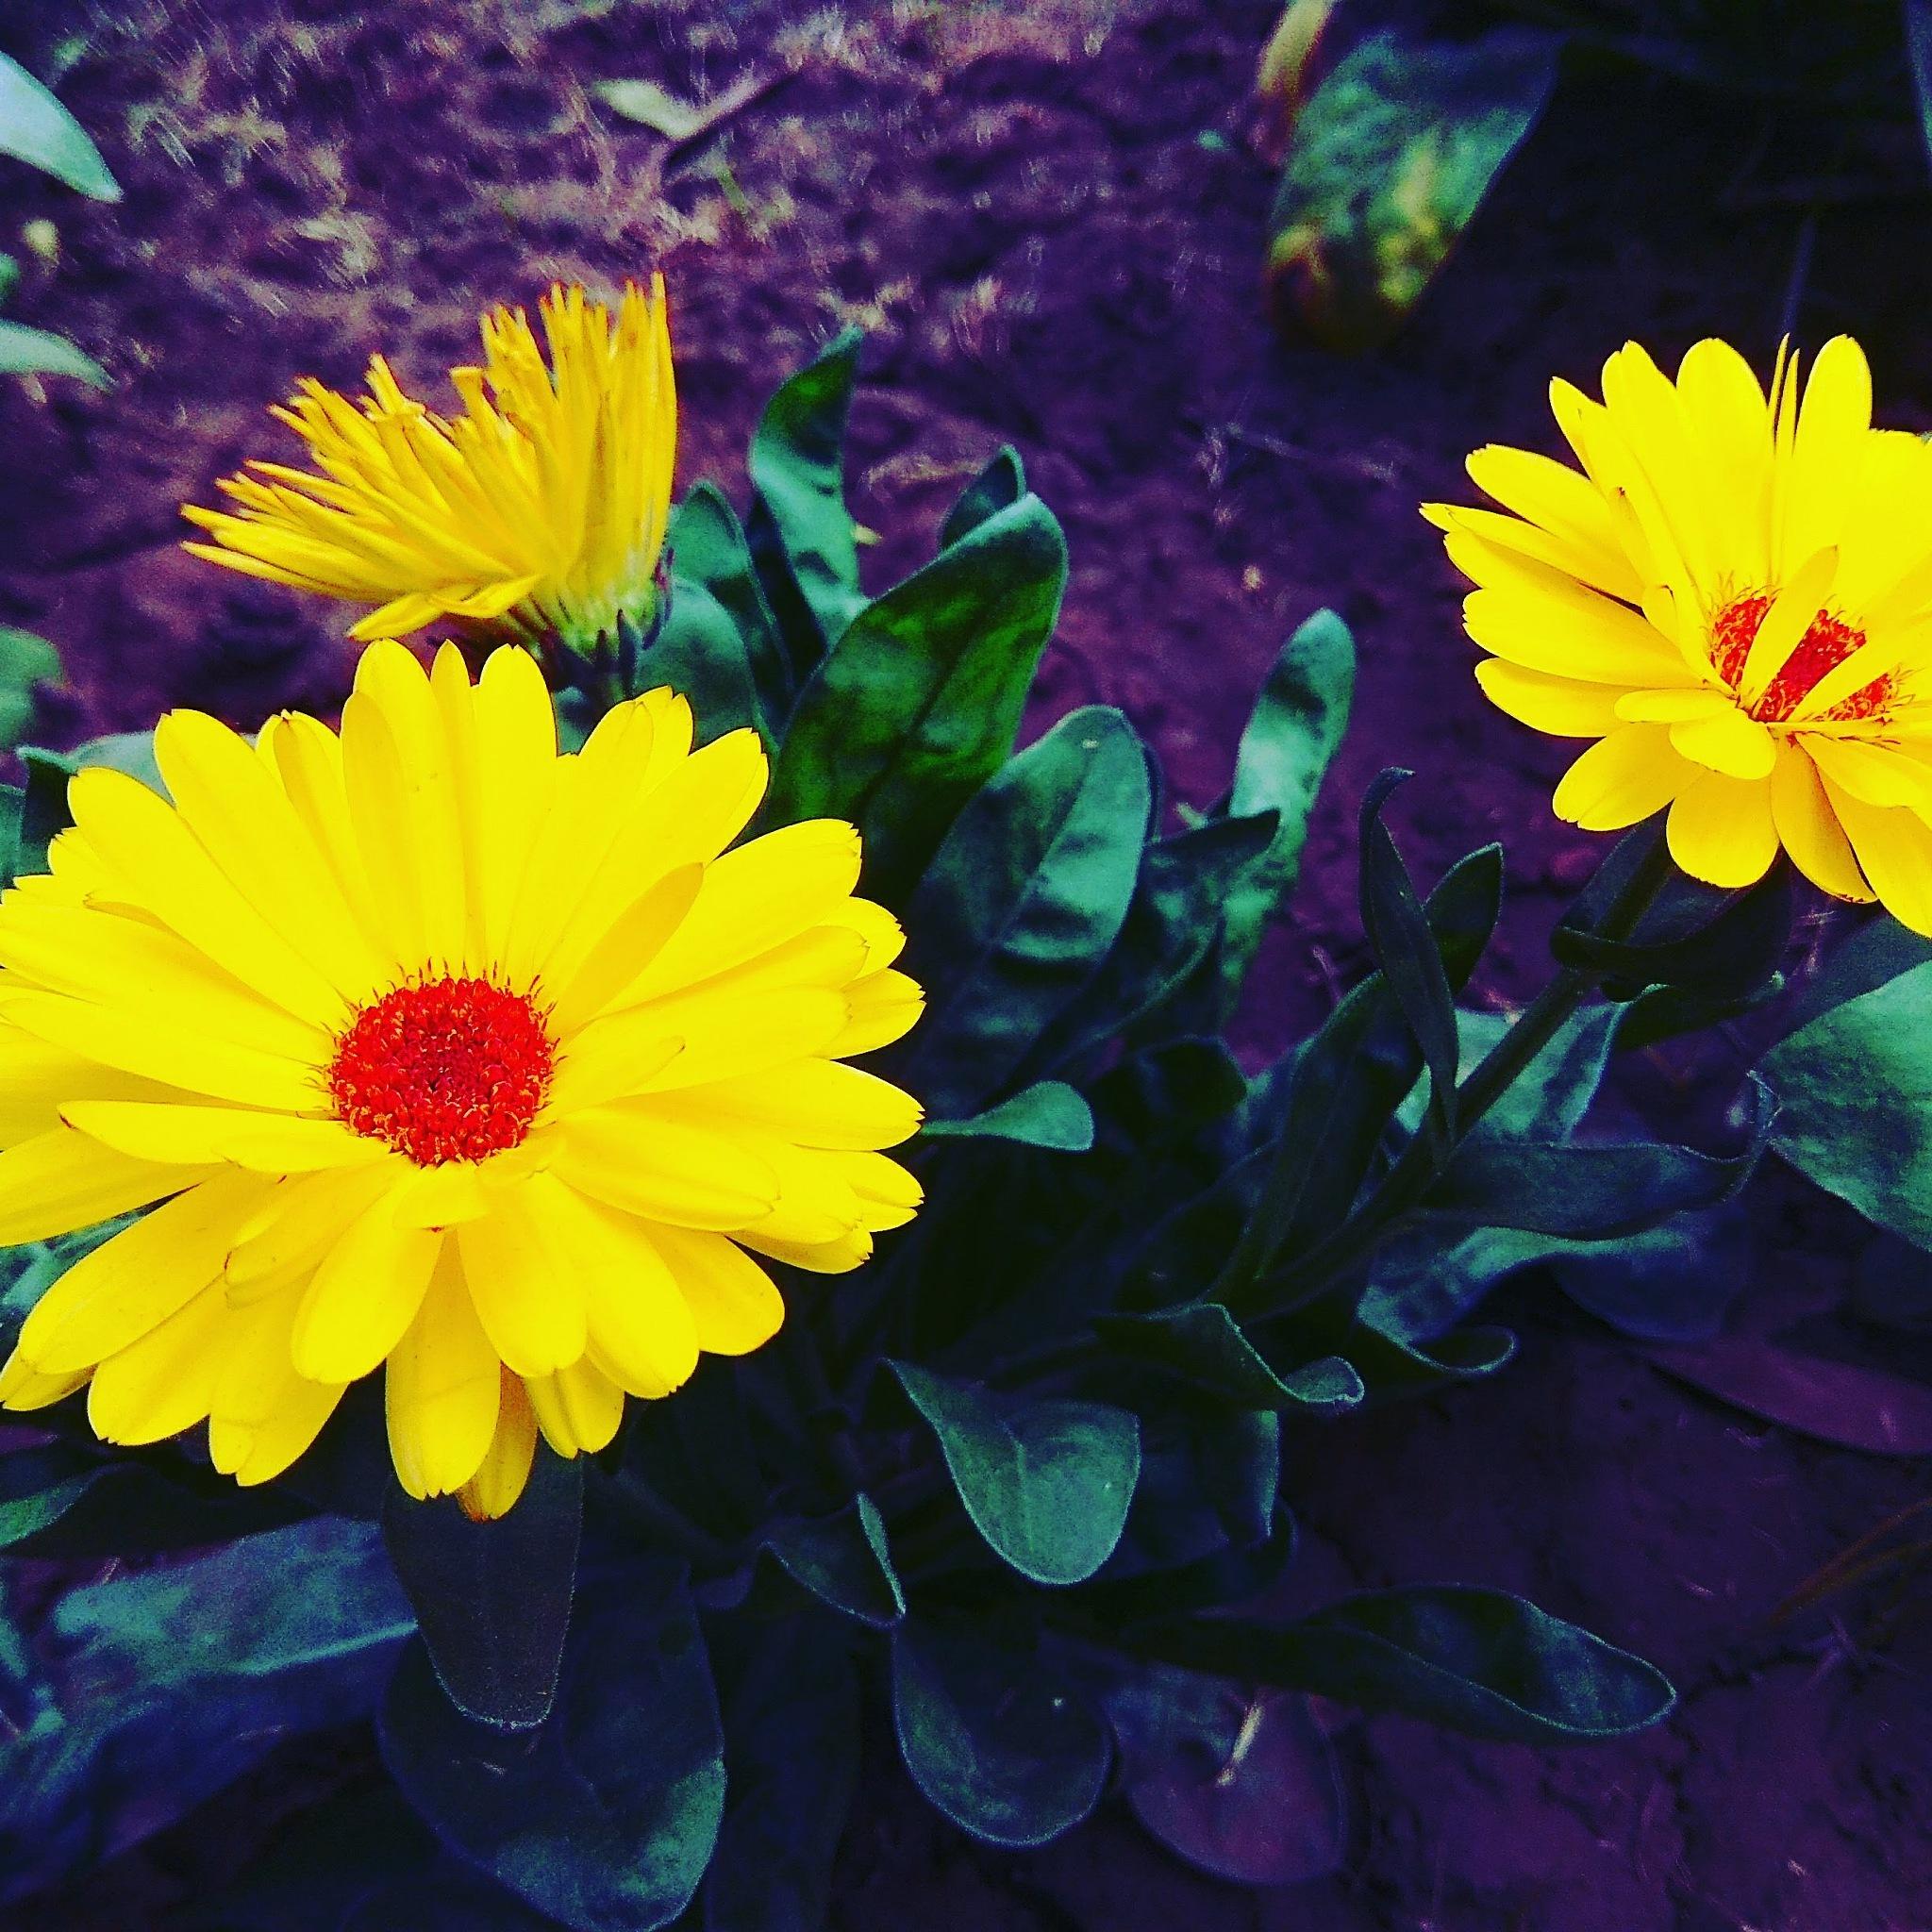 yellow with cherry  by Shaket Kumar